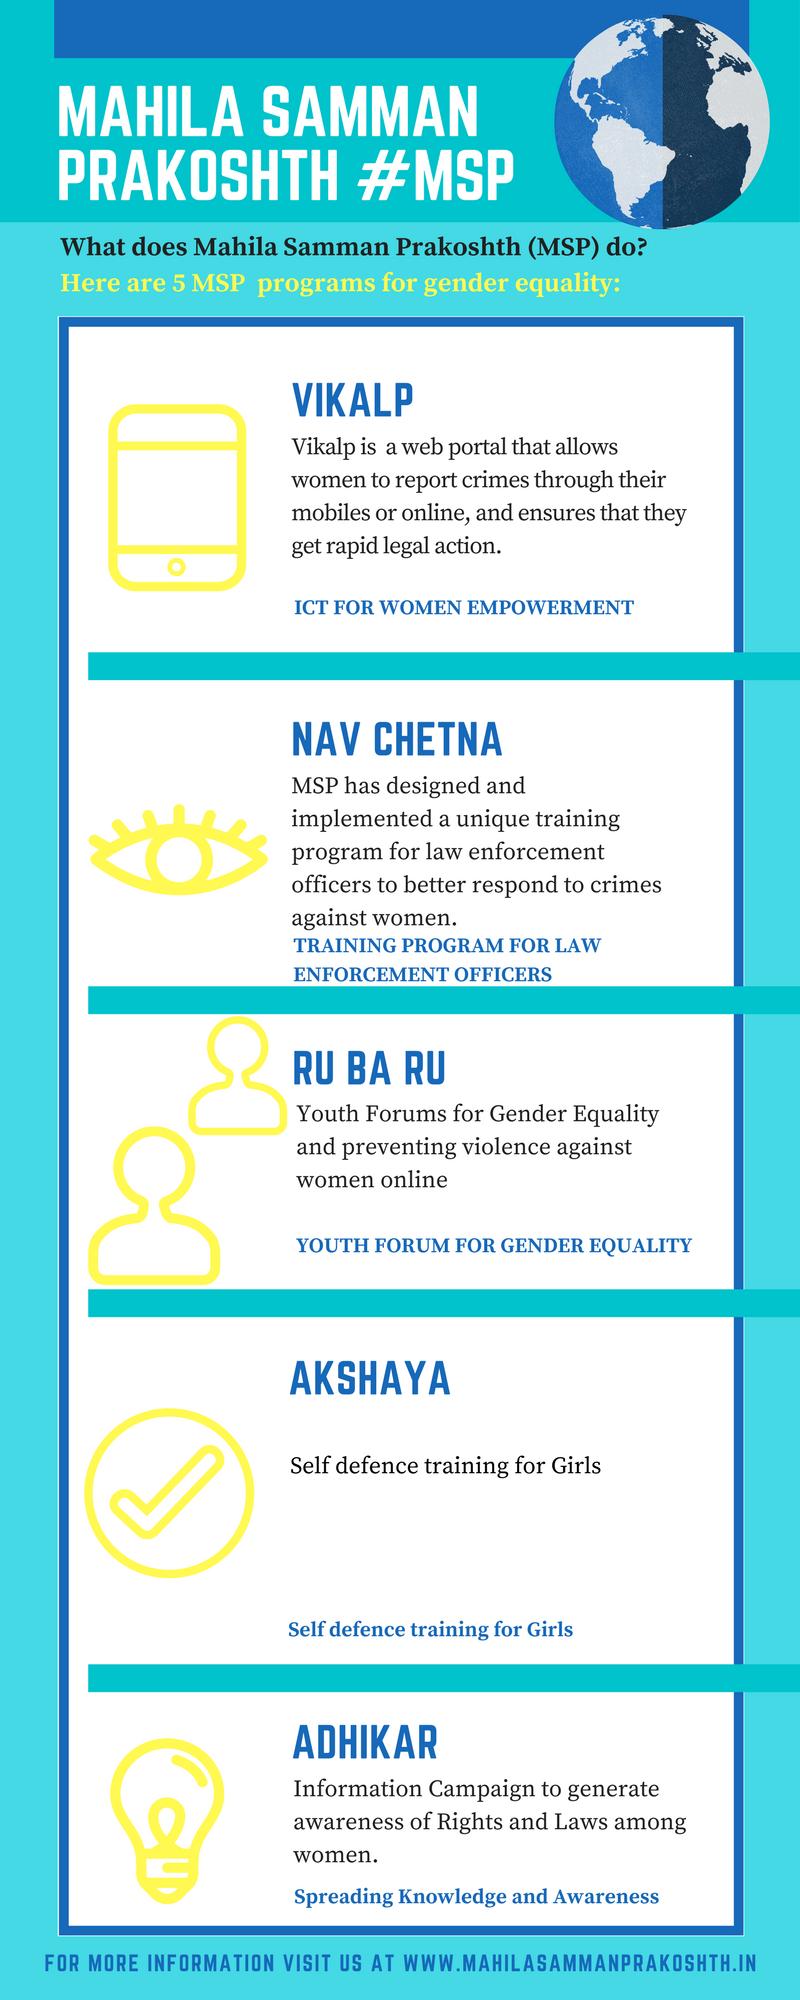 Sutapa Sanyal Uttar Pradesh Women Empowerment